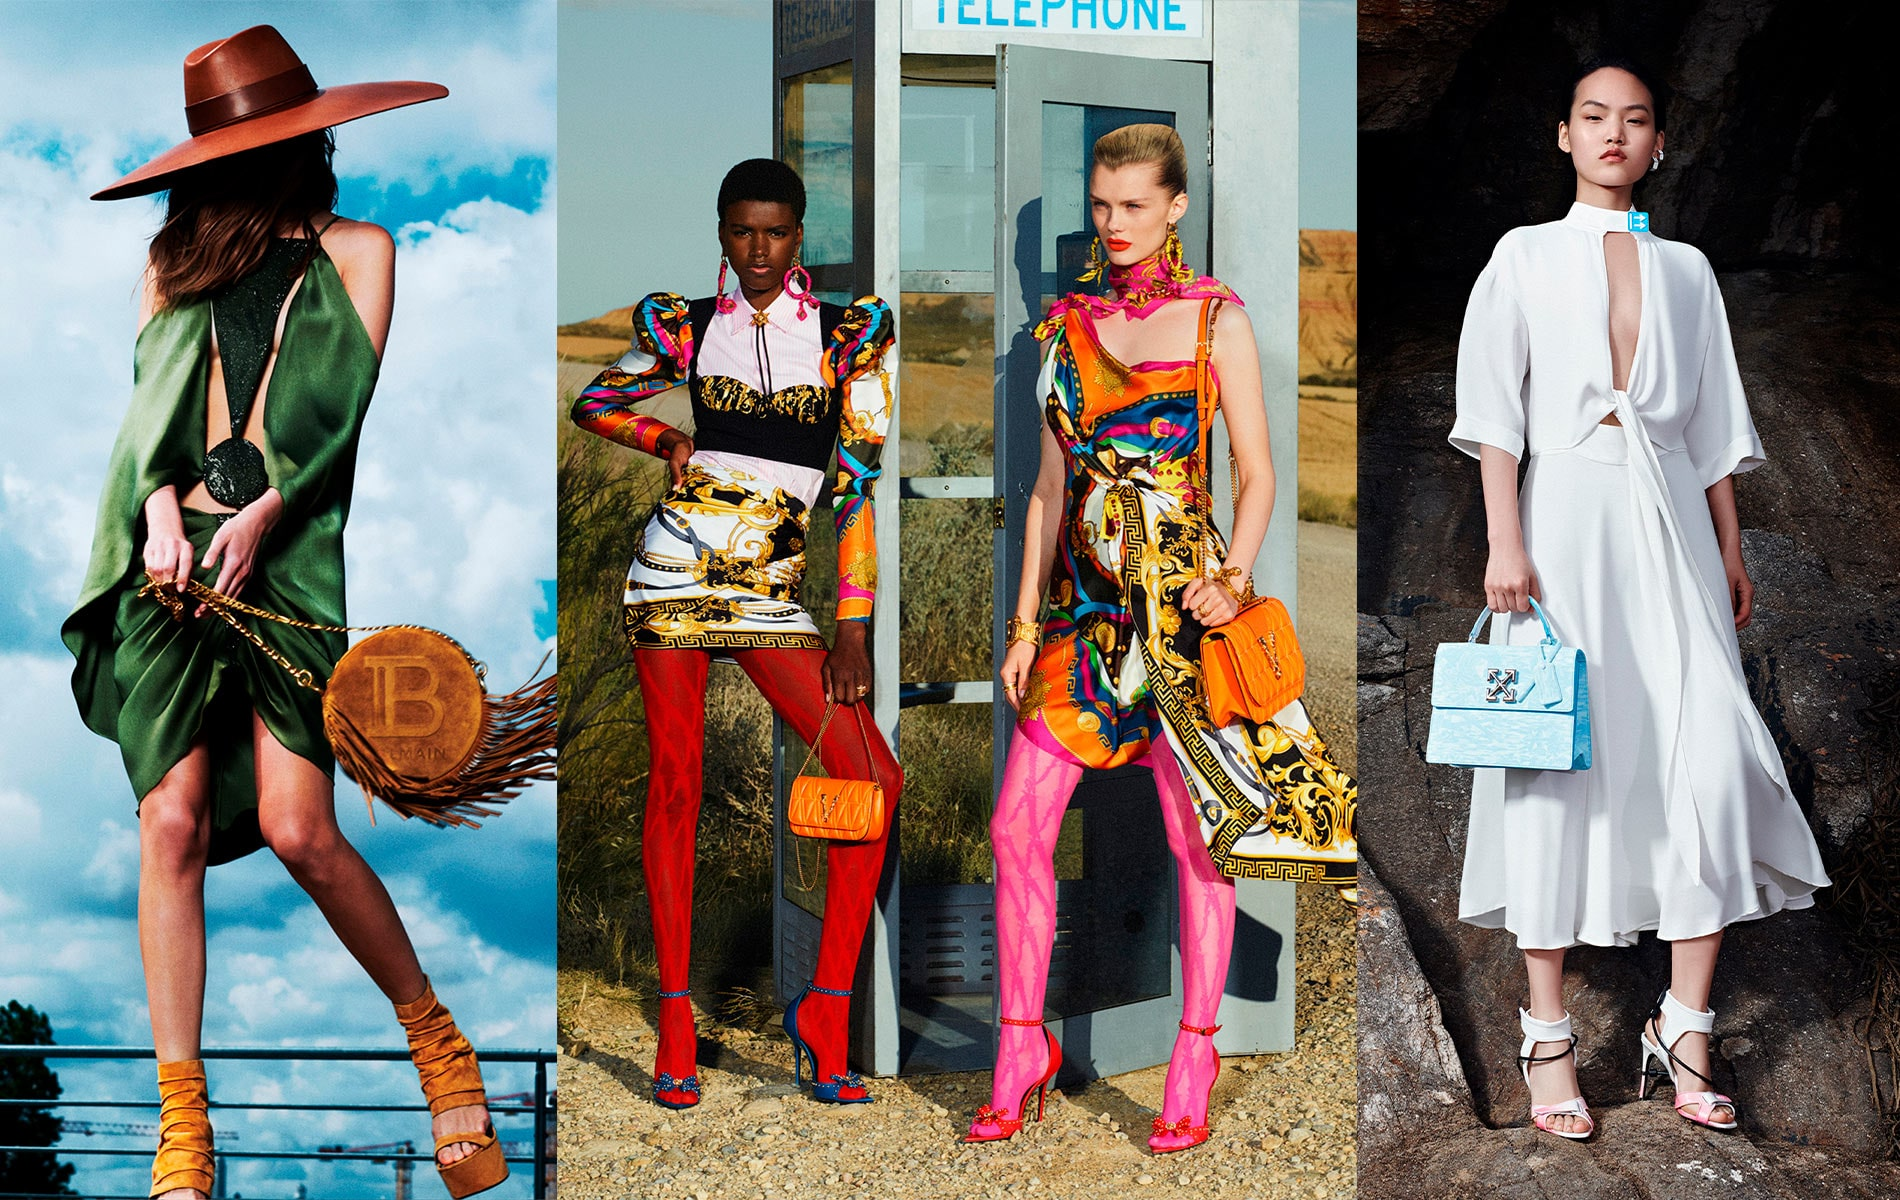 balmain, versace, off-white, resort 2020 fashion week